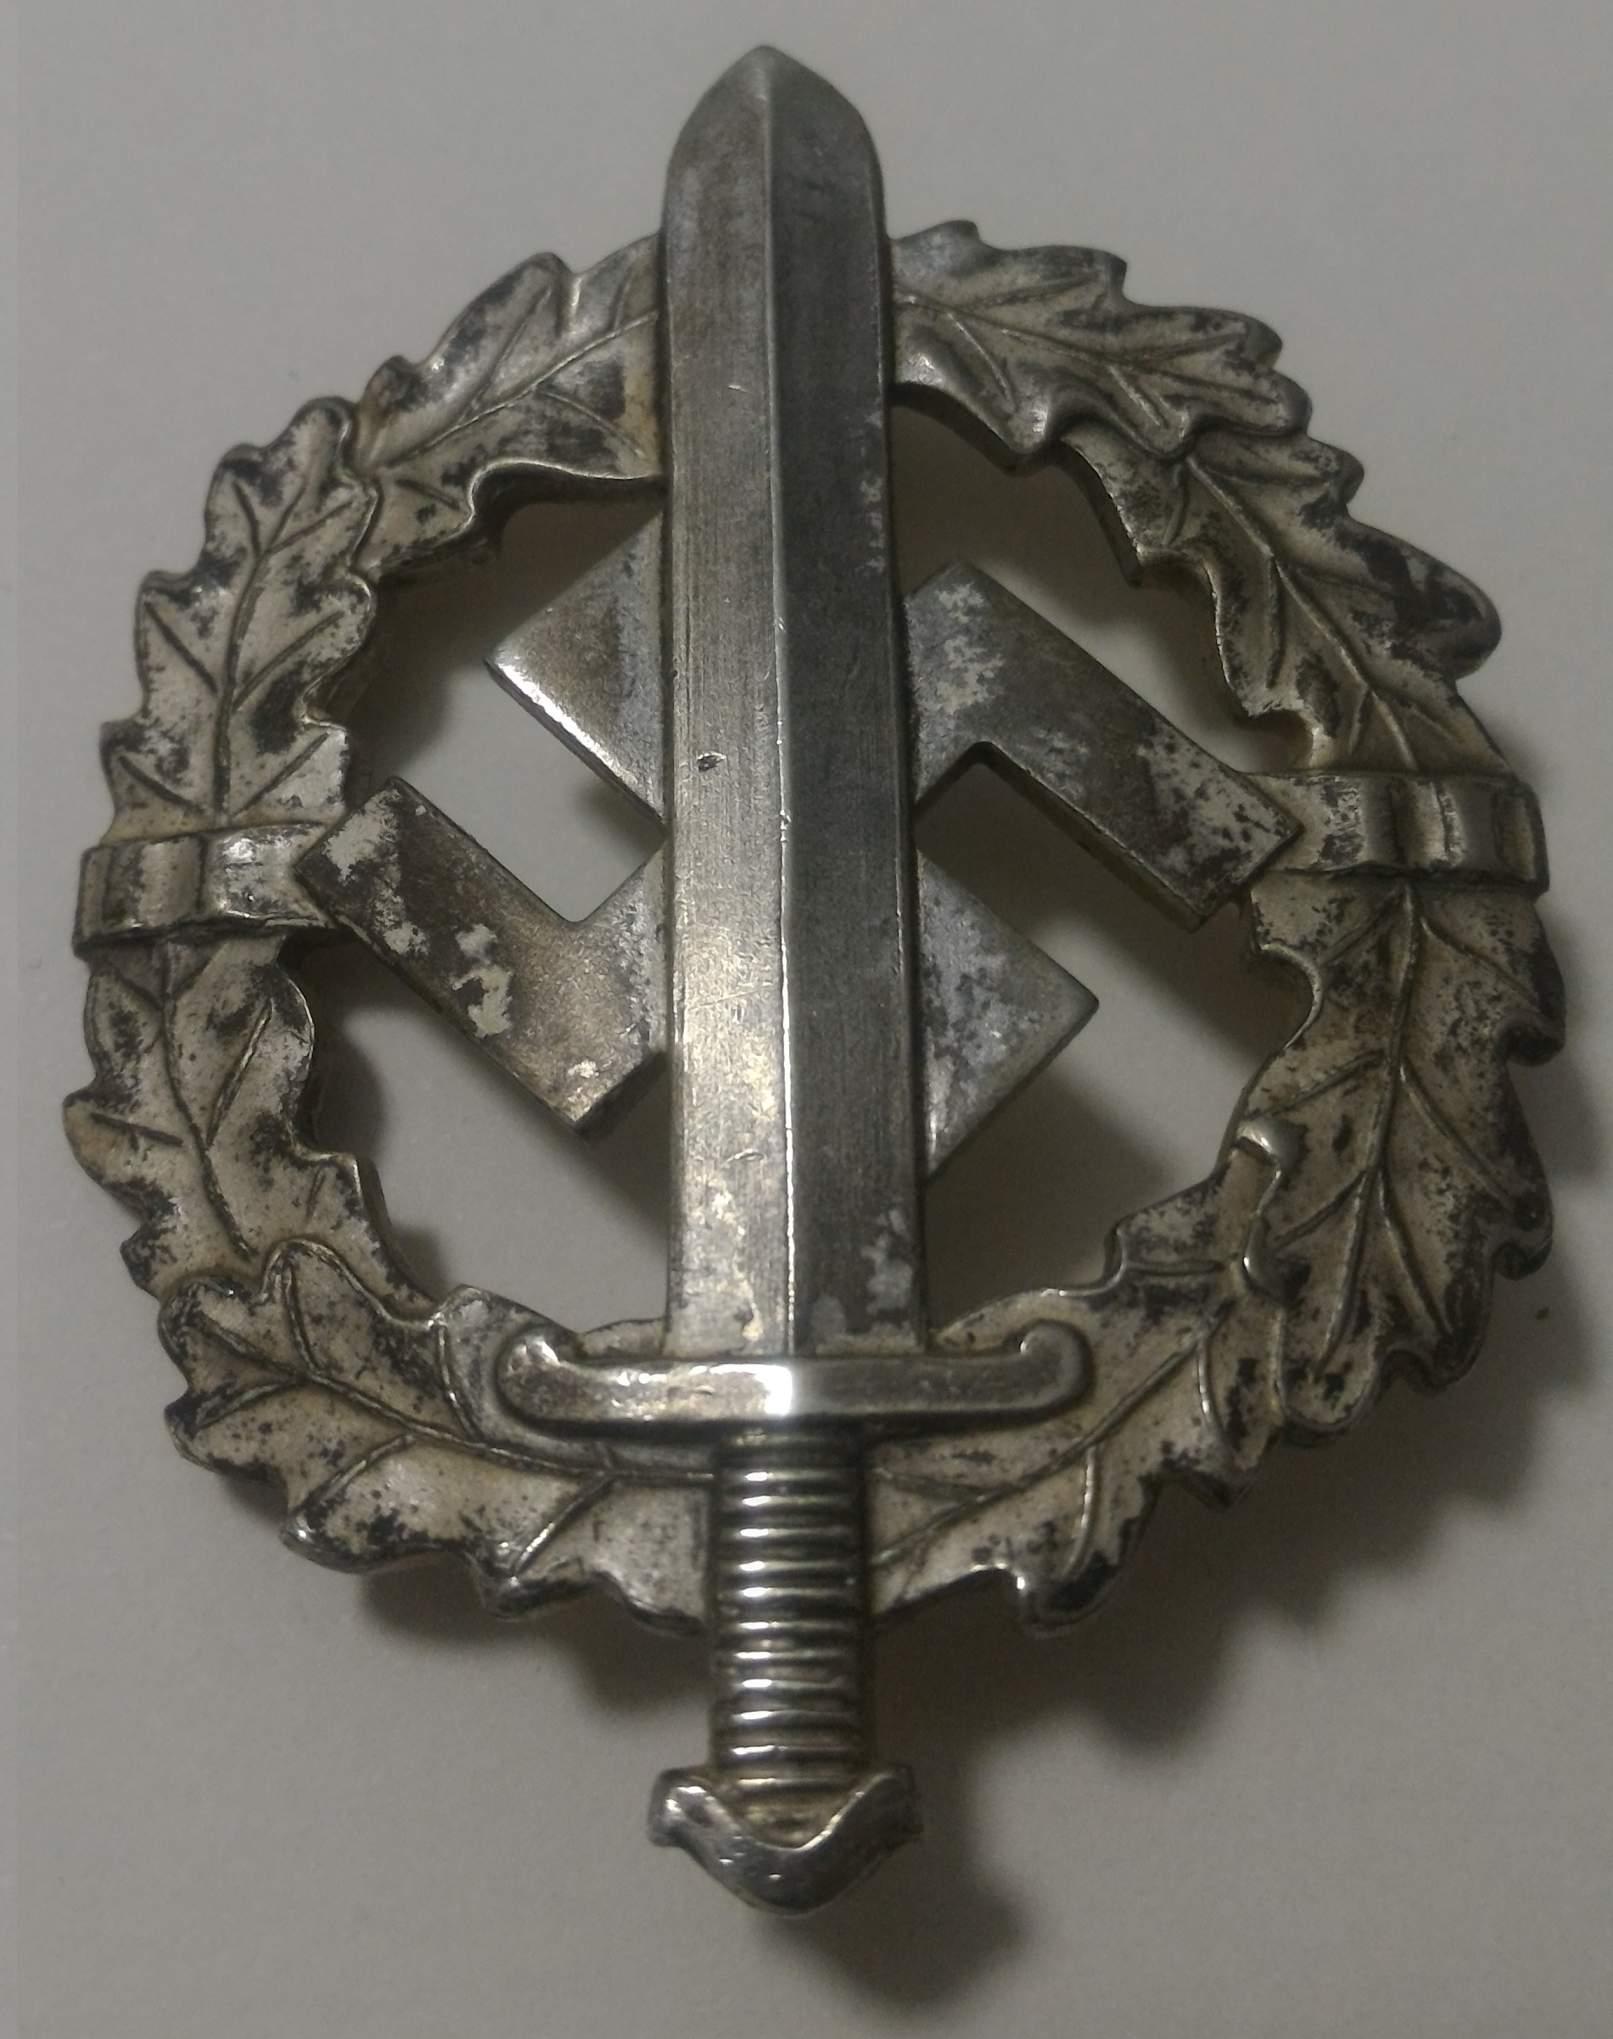 1104628d1503360430-sa-sportabzeichen-silber-type-1-a-p_20170821_194917 Verwunderlich Reich Werden Mit Silber Dekorationen